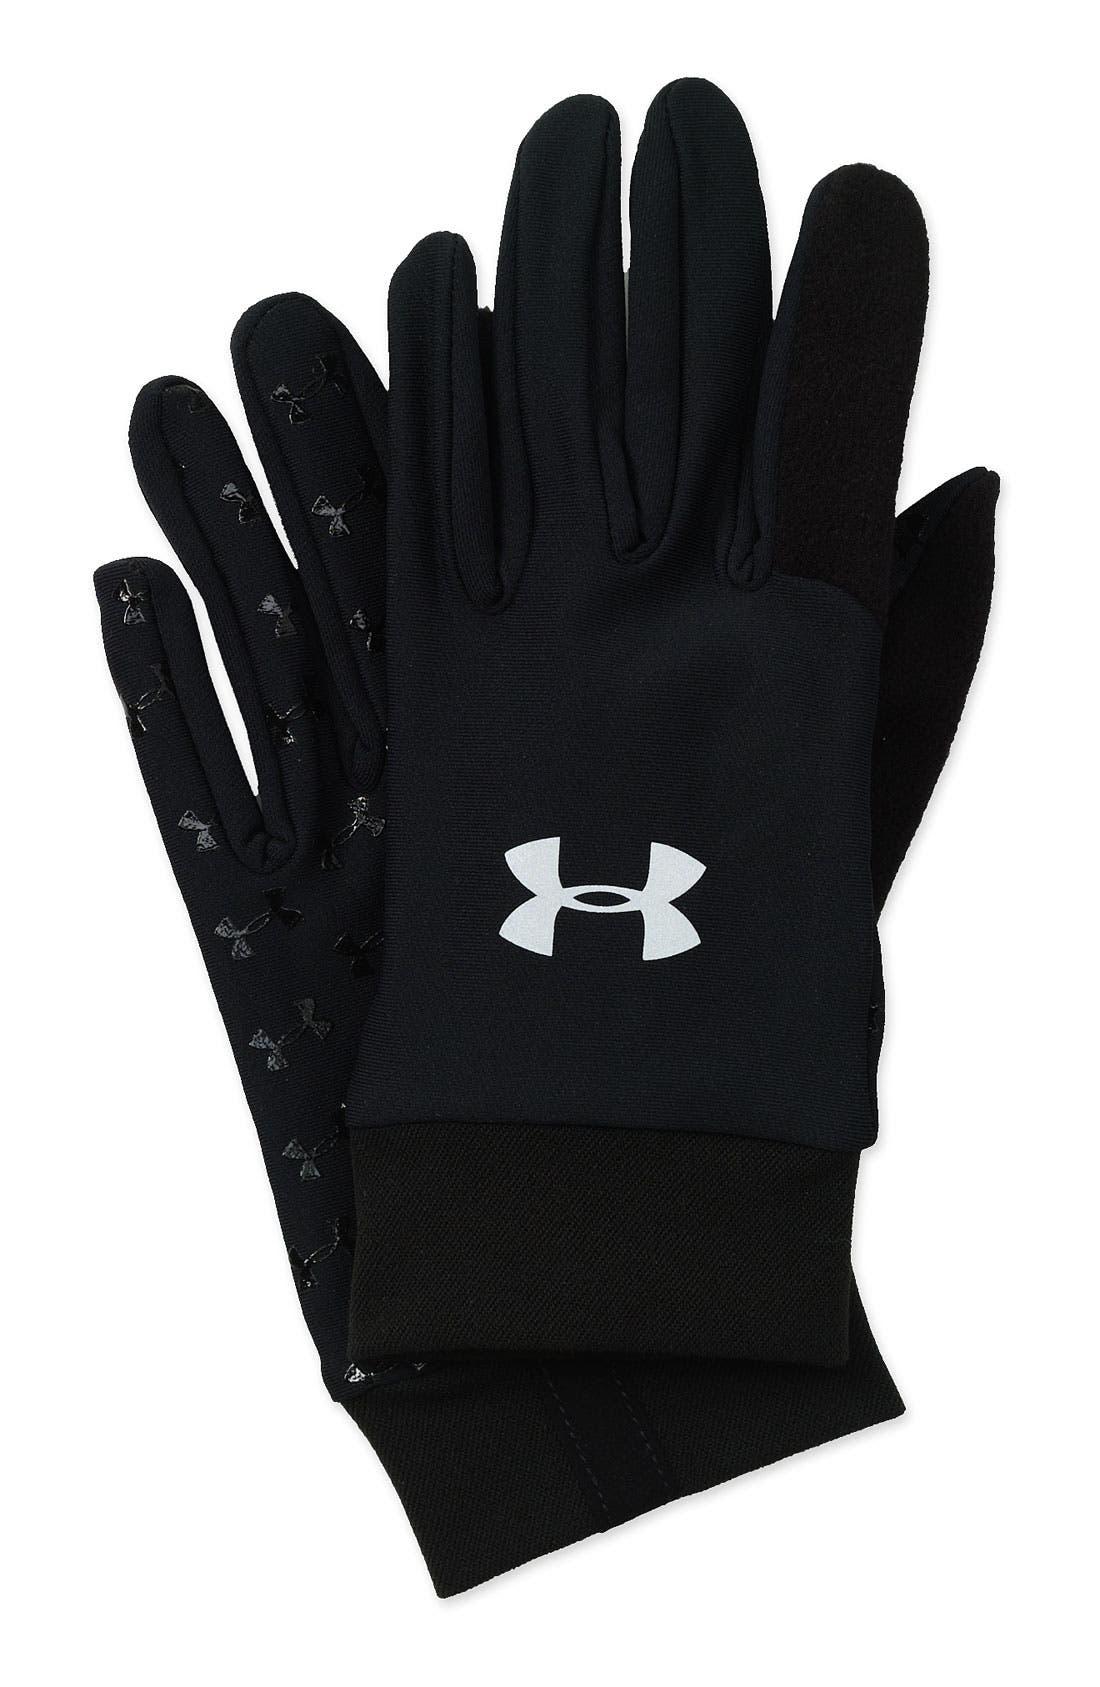 ColdGear<sup>®</sup> Liner Gloves,                         Main,                         color,  Black